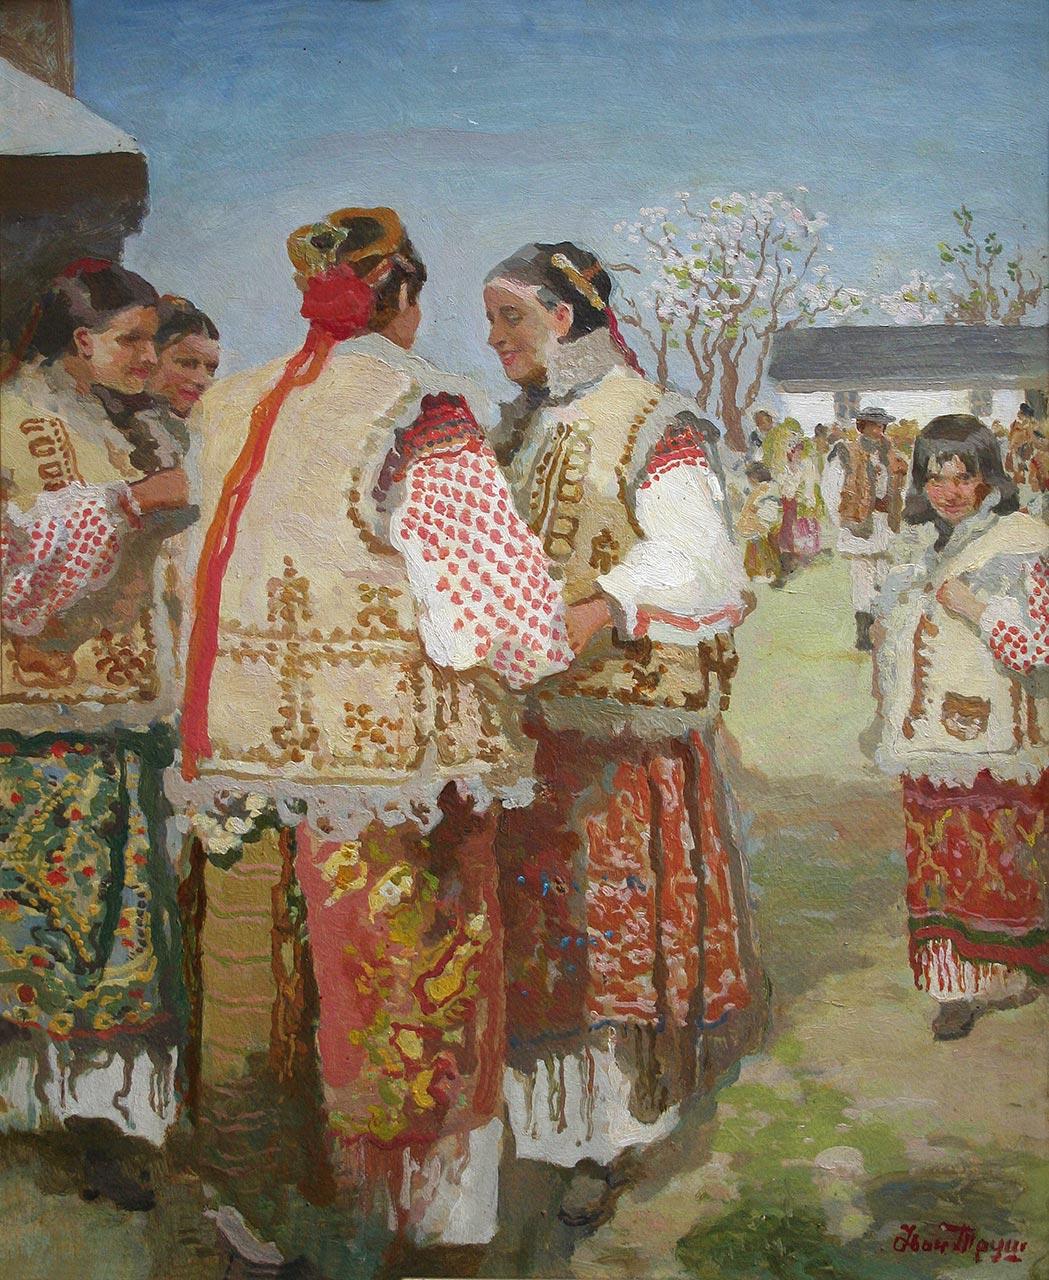 Іван Труш. Гуцулки біля церкви. 1920-ті рр. Картон, олія